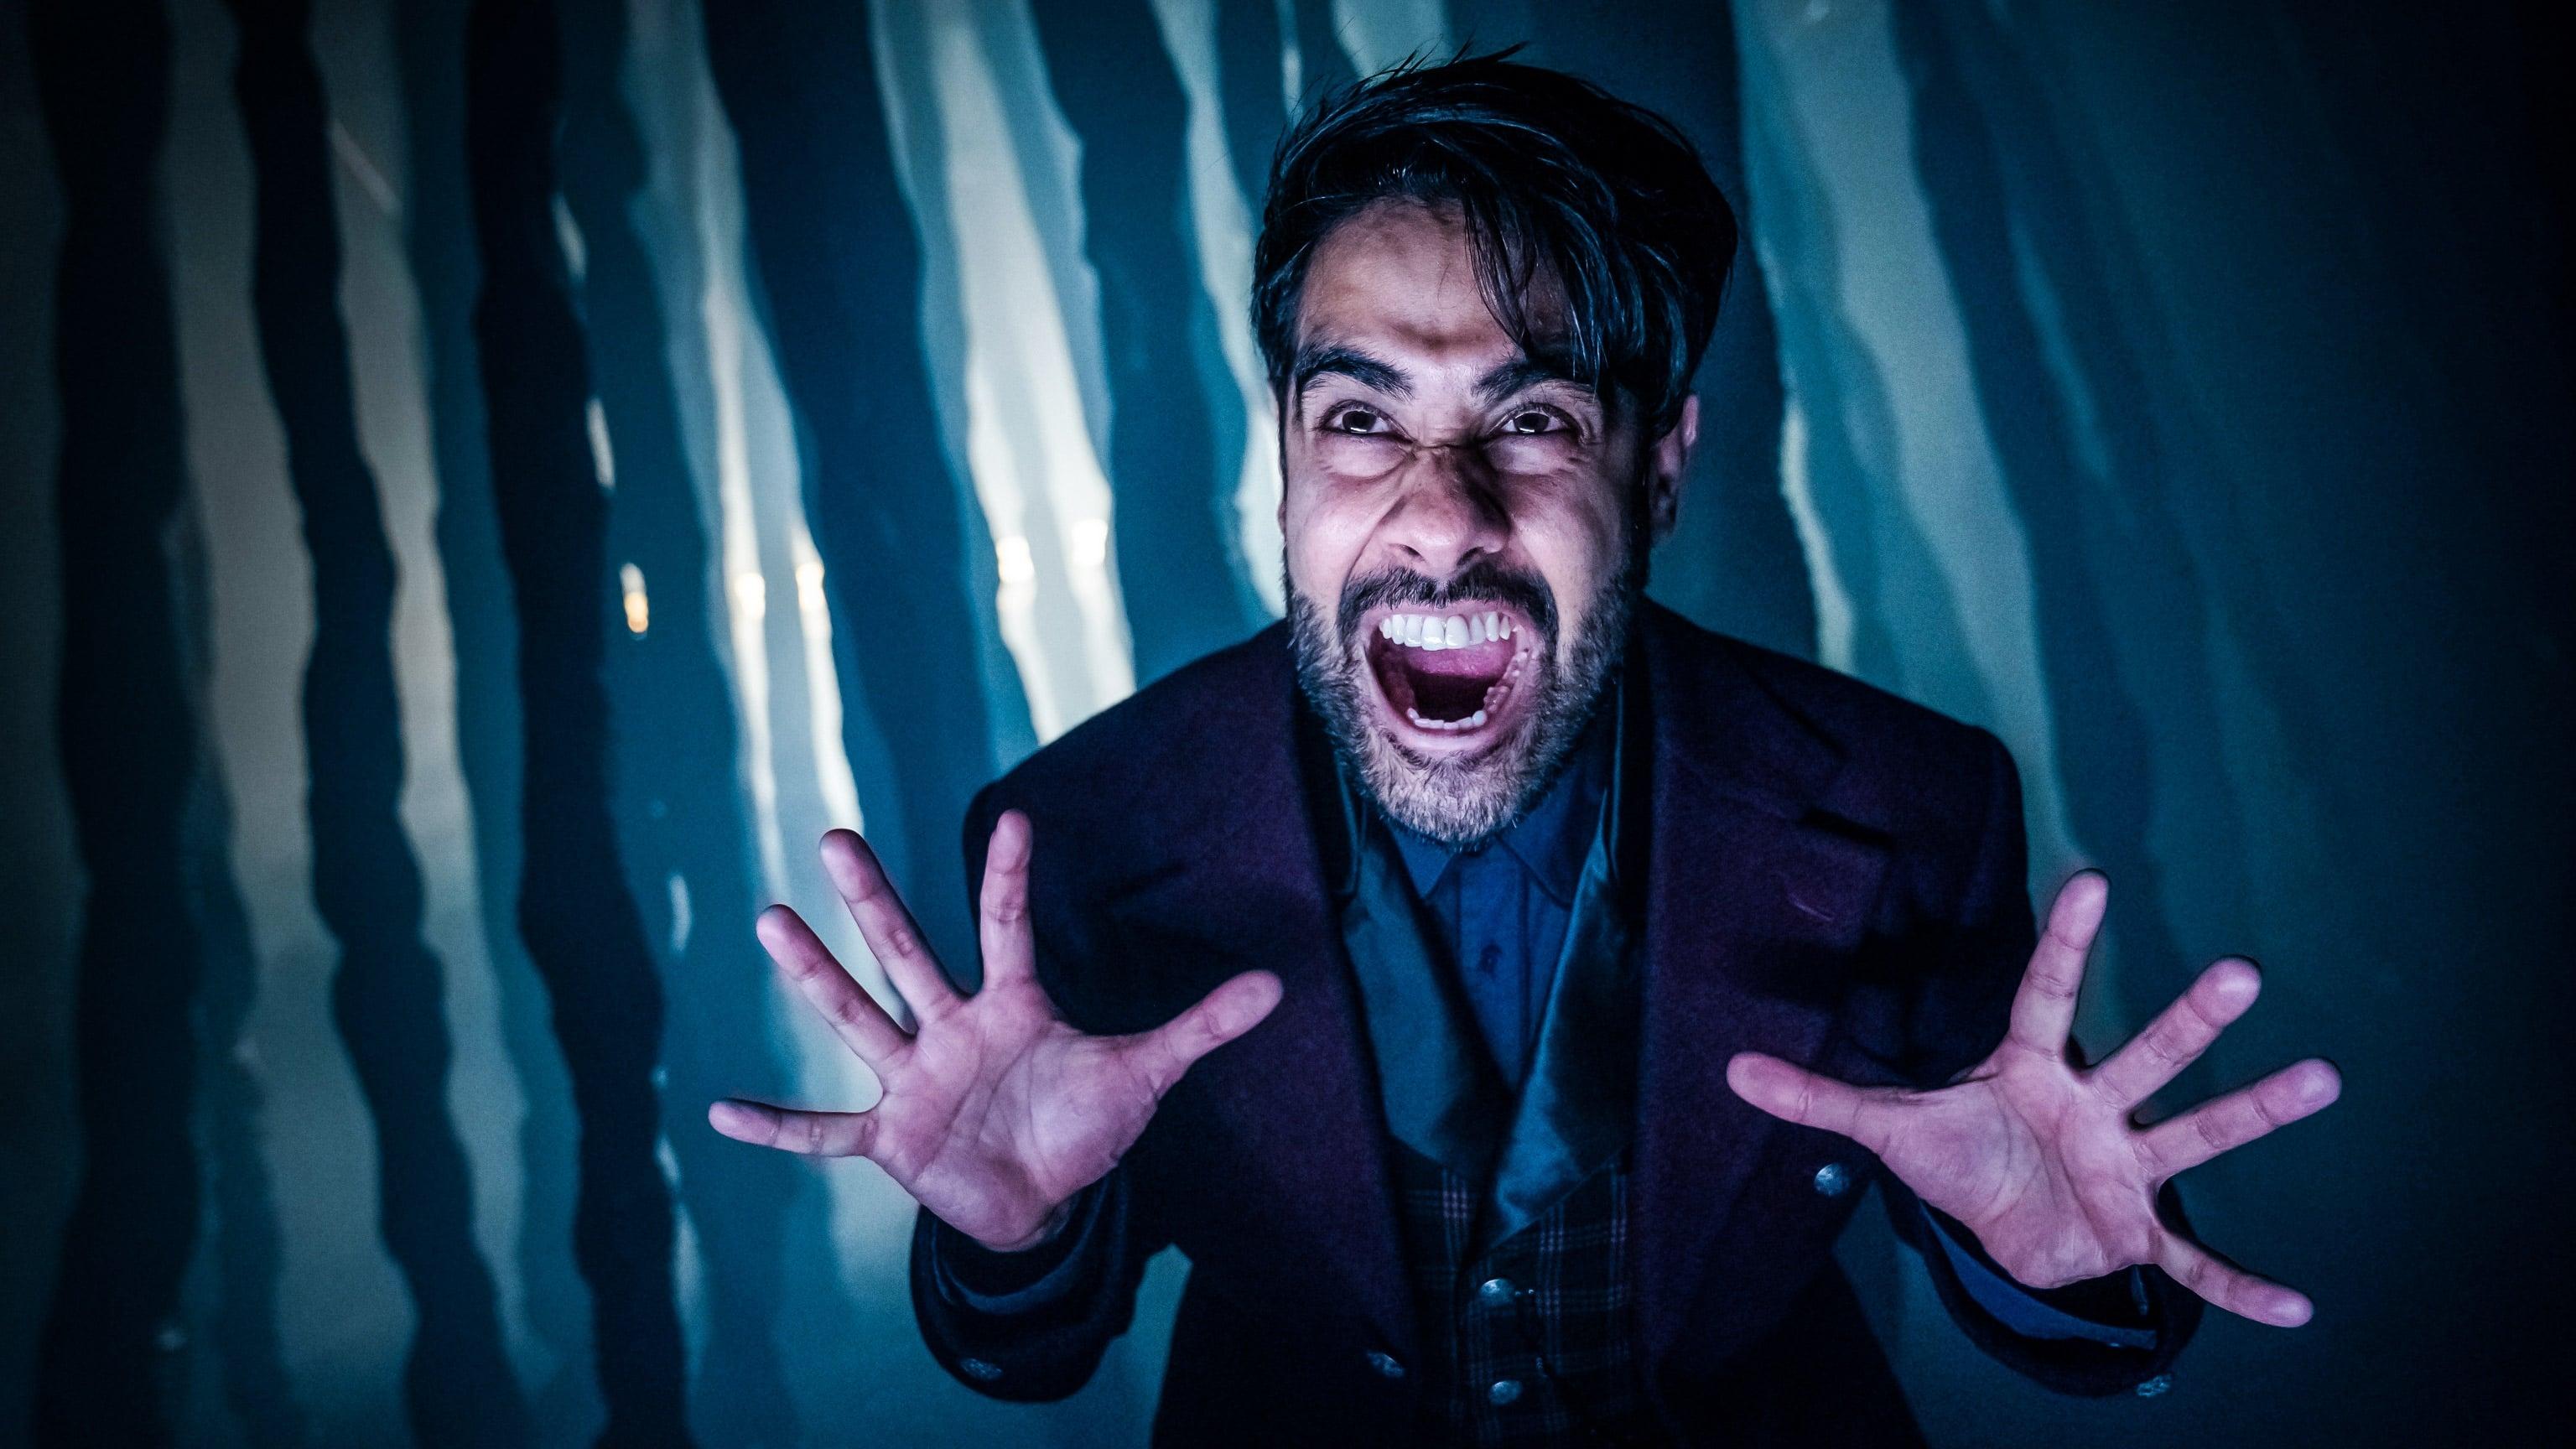 Doctor Who - Season 12 Episode 2 : Spyfall, Part 2